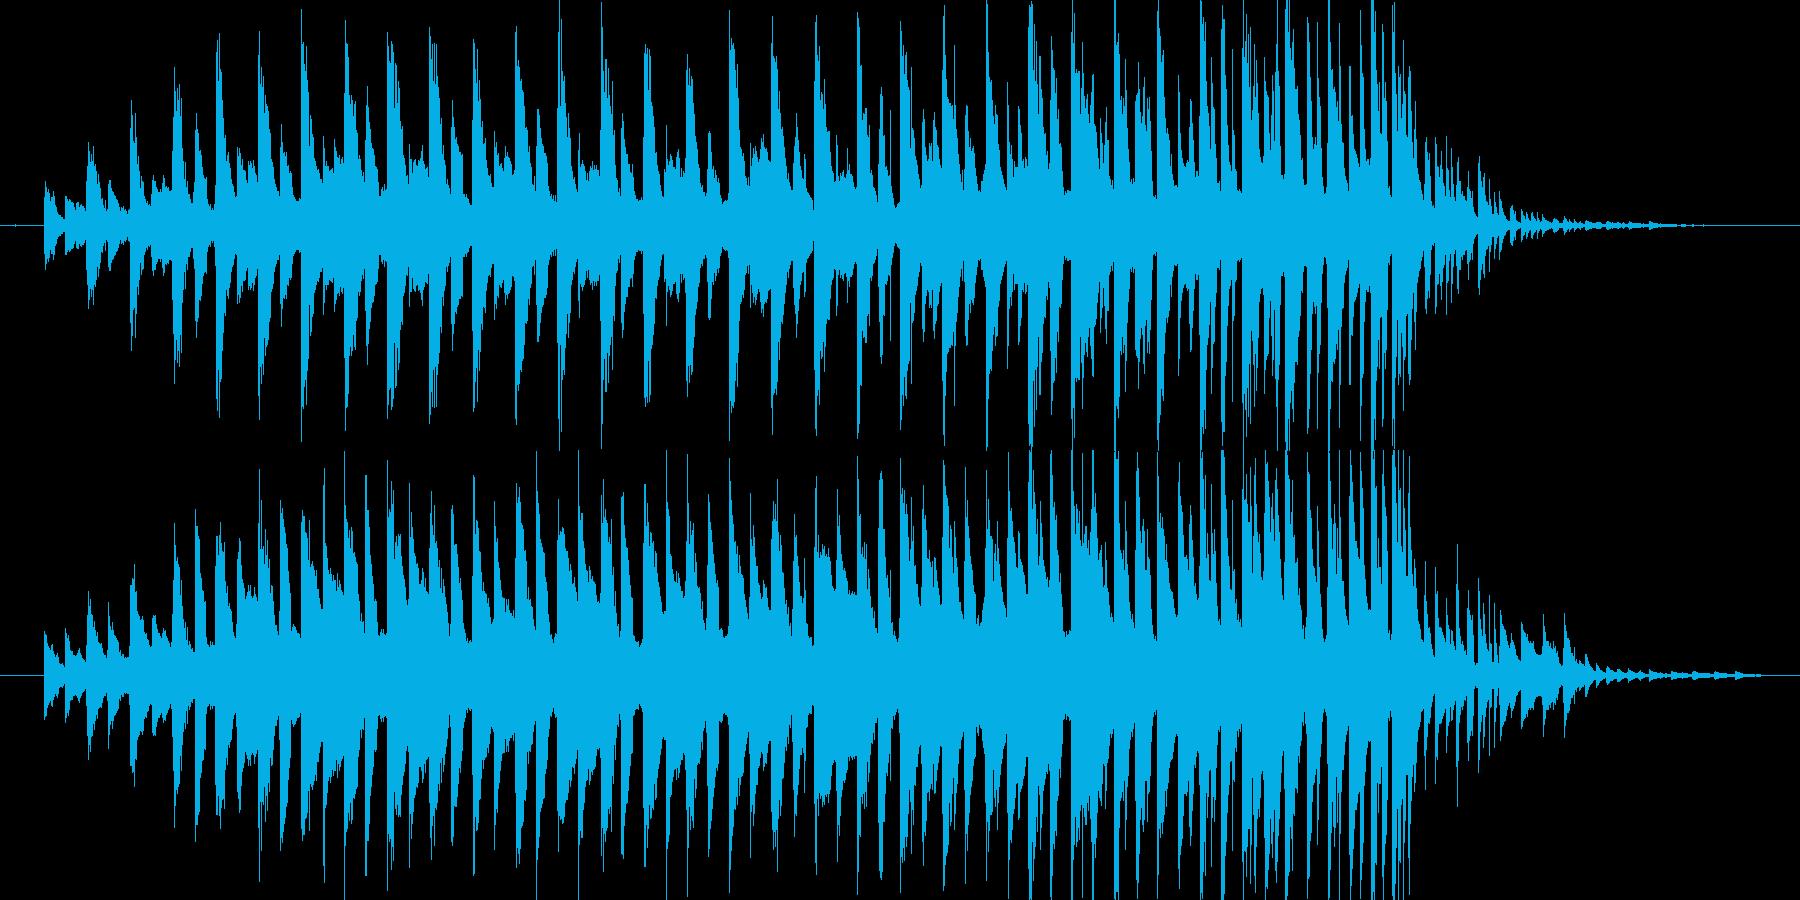 30秒ちょうどの音源です。ピアノとデジ…の再生済みの波形